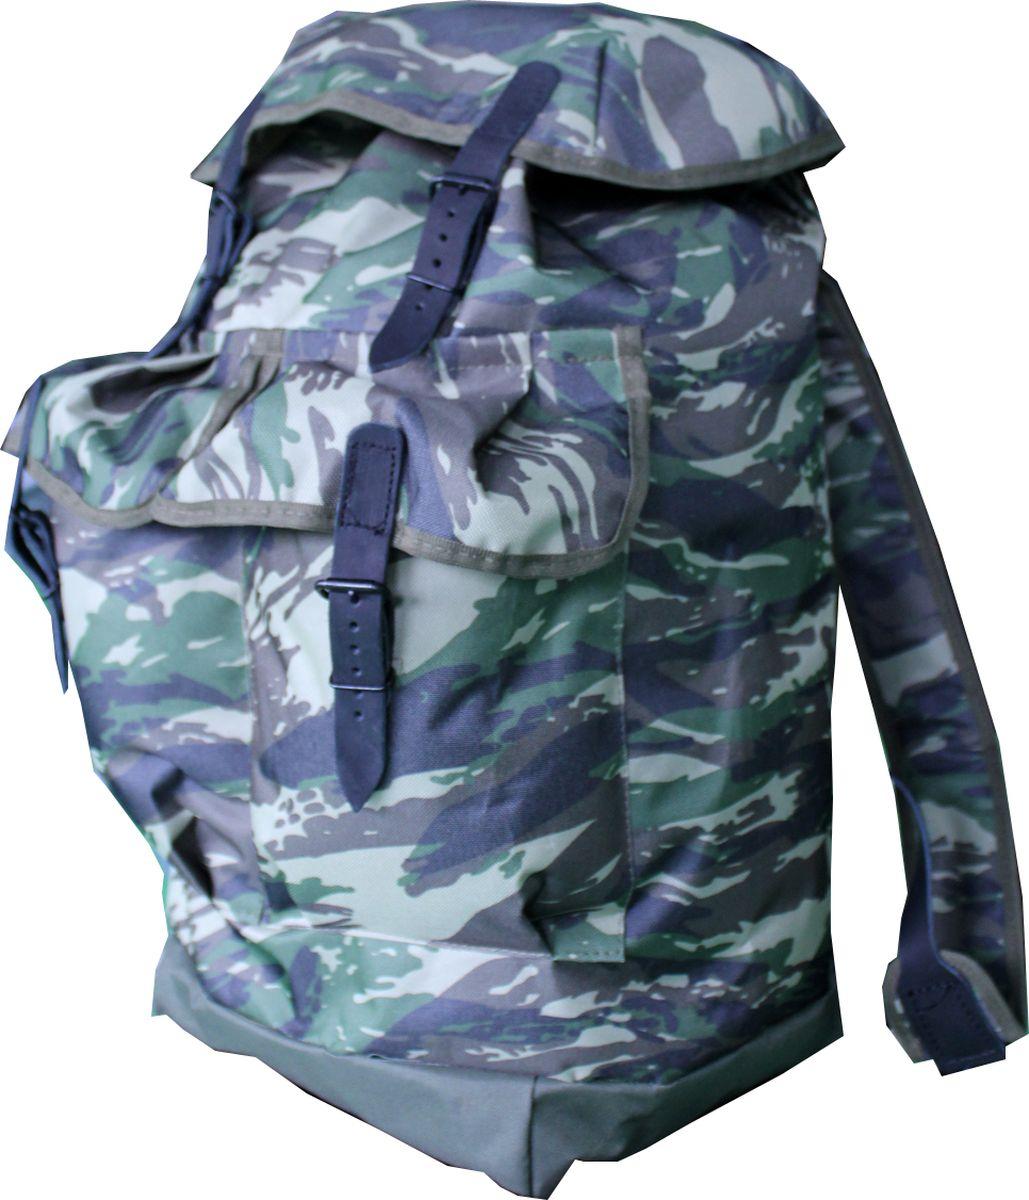 Рюкзак туристический Каприкорн Таежный У, 50 л54740Классический рюкзак с двумя карманами объемом 50 литров.Материал: Oxford 600D PVC (100% полиэстер с ПВХ покрытием; 450 гр/м2)Фурнитура: металл, натуральная кожа.